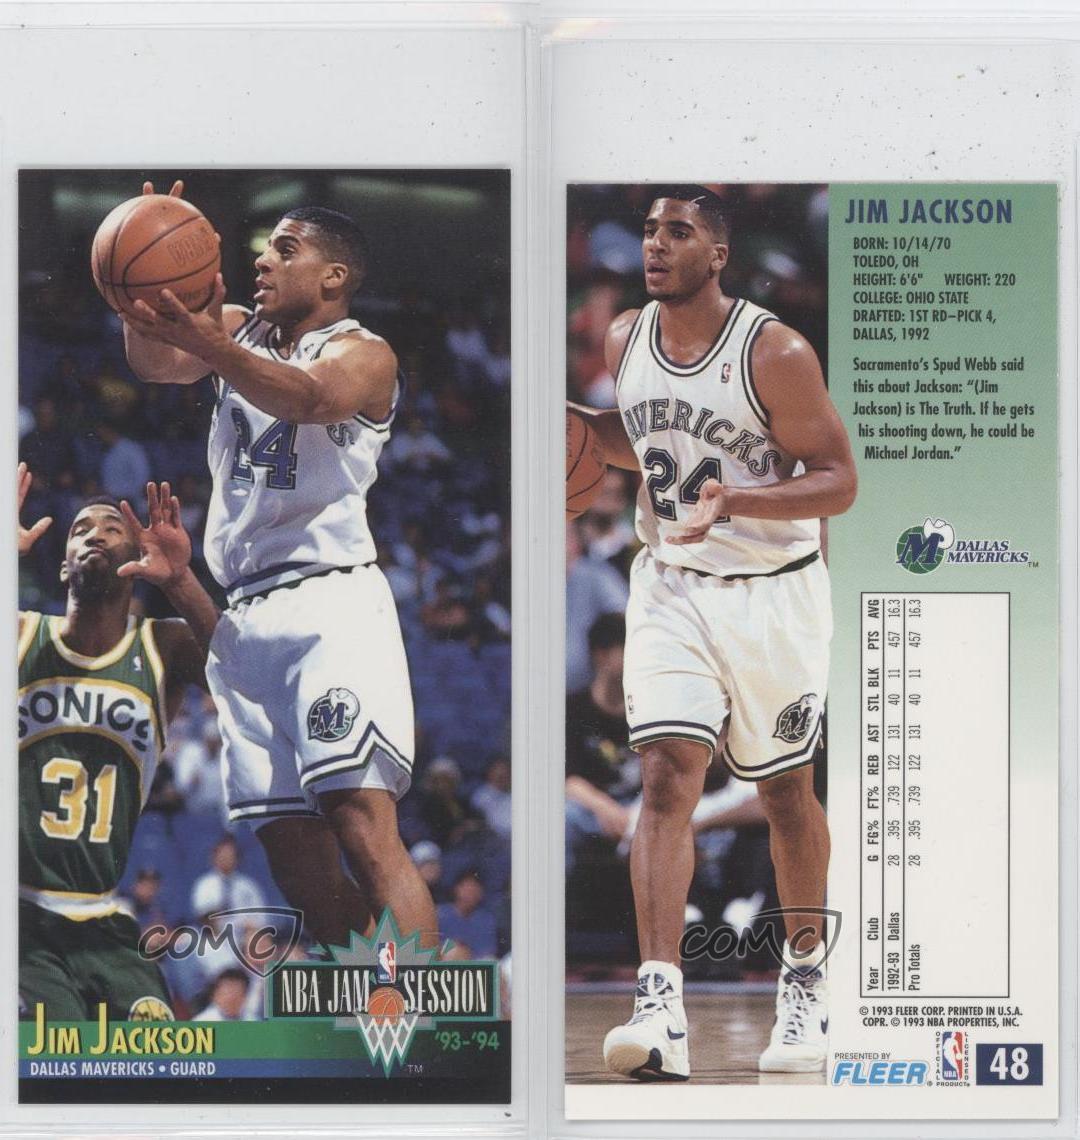 1993-94 NBA Jam Session #48 Jim Jackson Dallas Mavericks